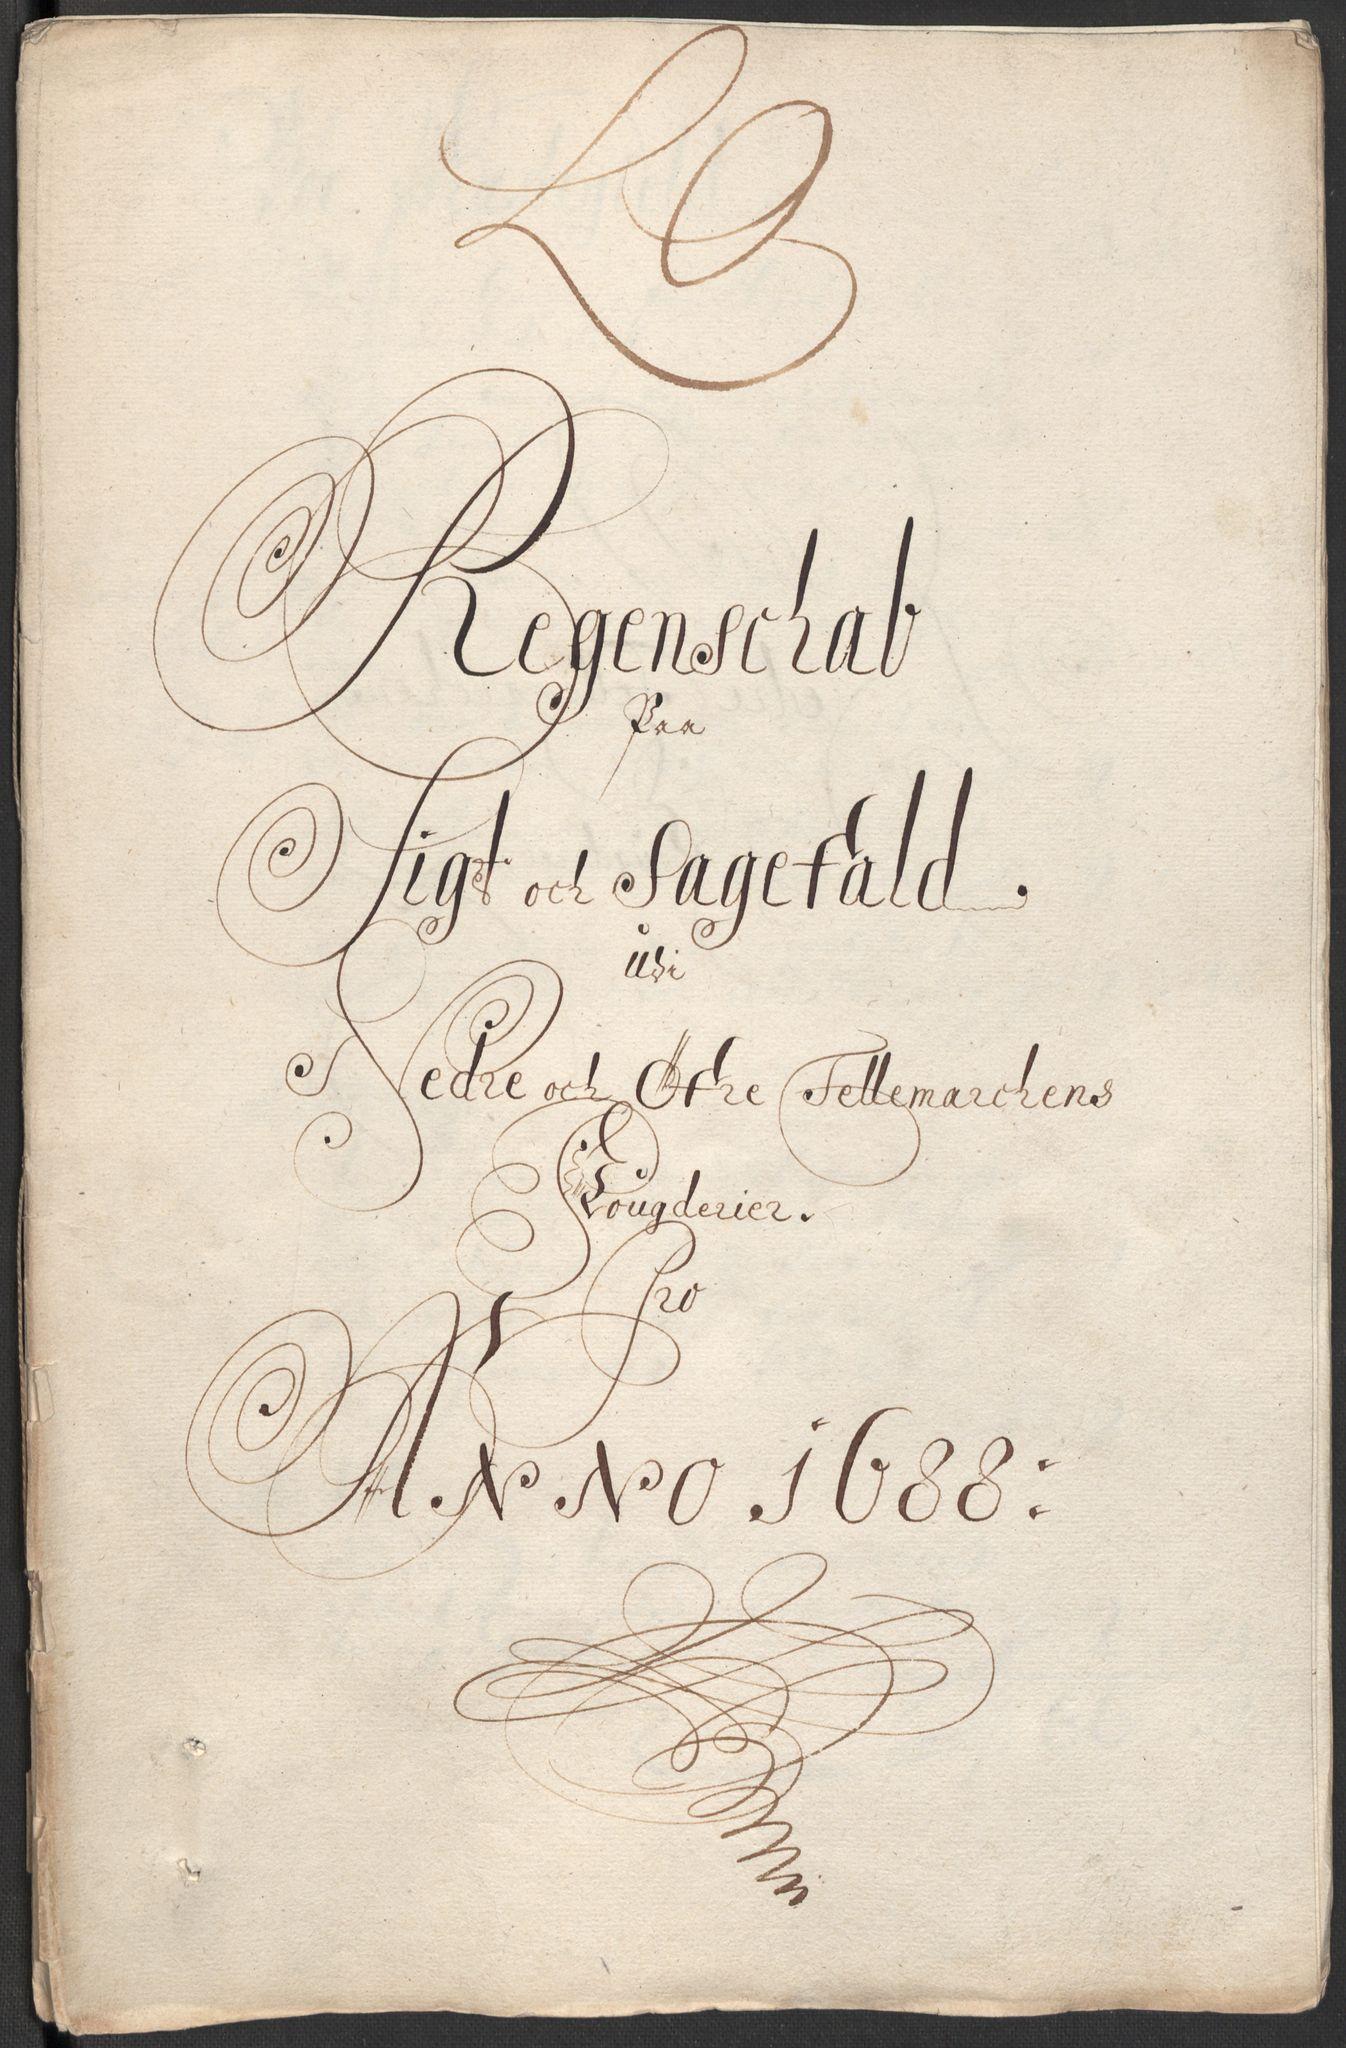 RA, Rentekammeret inntil 1814, Reviderte regnskaper, Fogderegnskap, R35/L2087: Fogderegnskap Øvre og Nedre Telemark, 1687-1689, s. 10